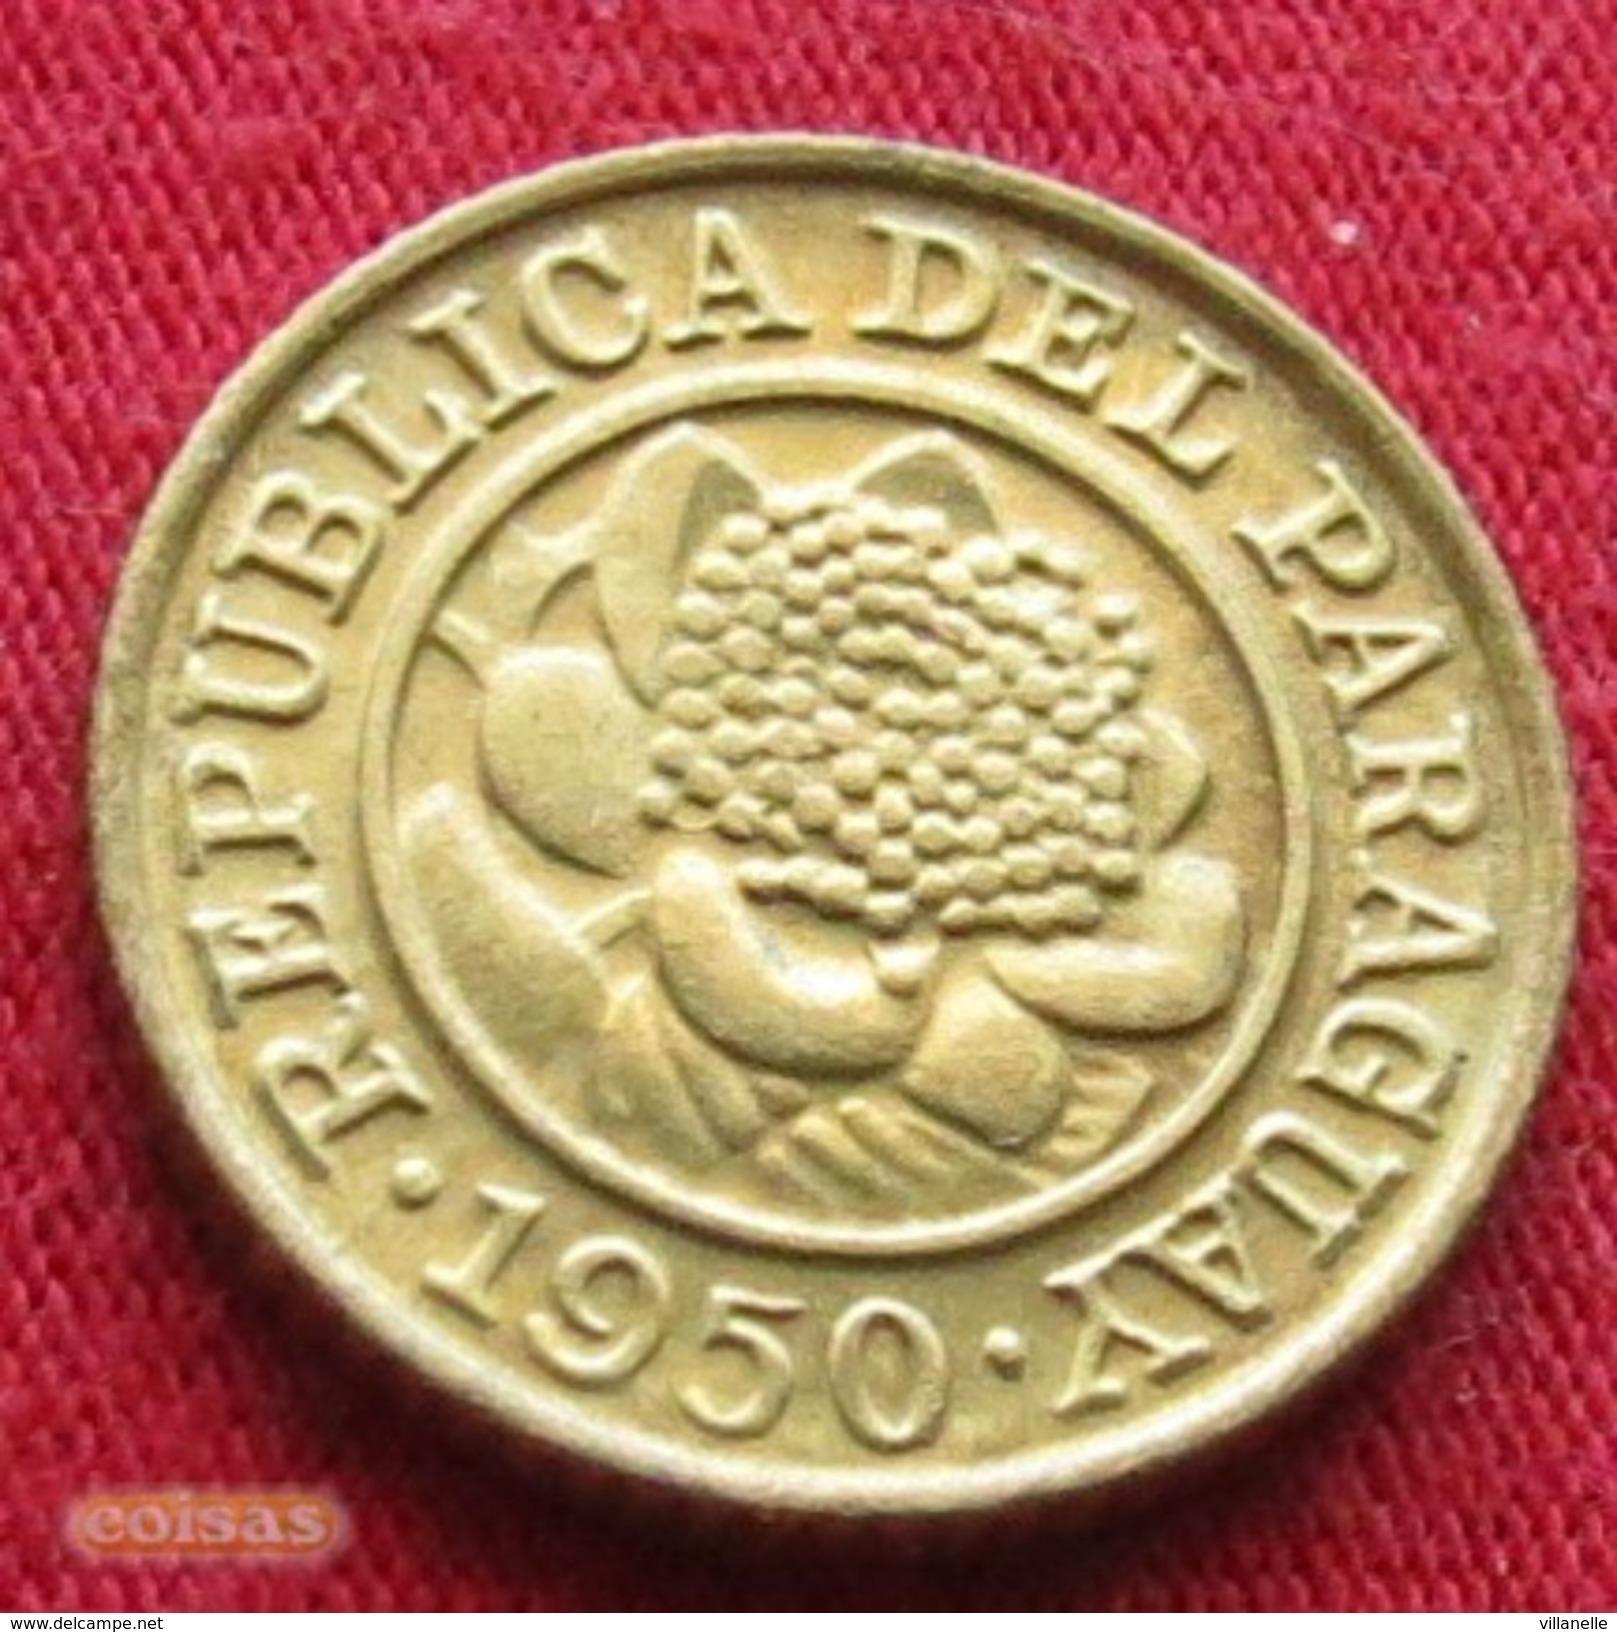 Paraguay 1 Centavos 1950  Paraguai UNCºº - Paraguay